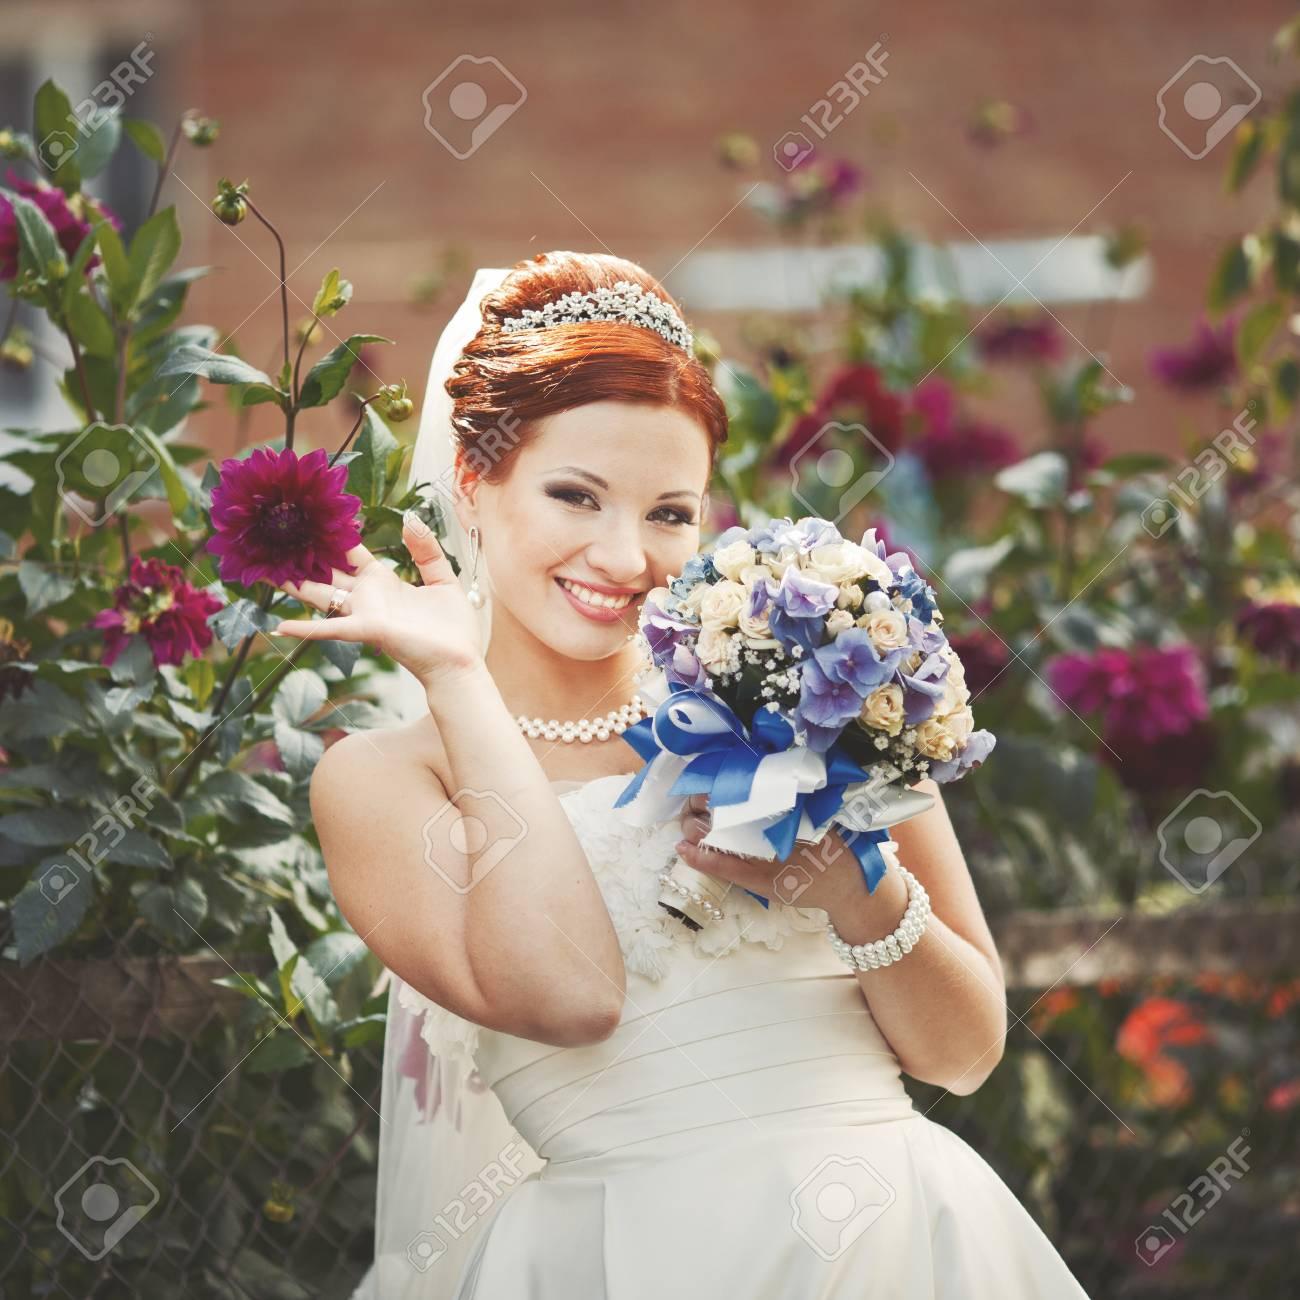 Lovely Rote Haare Braut Posiert Mit Blumen Draussen Europaische